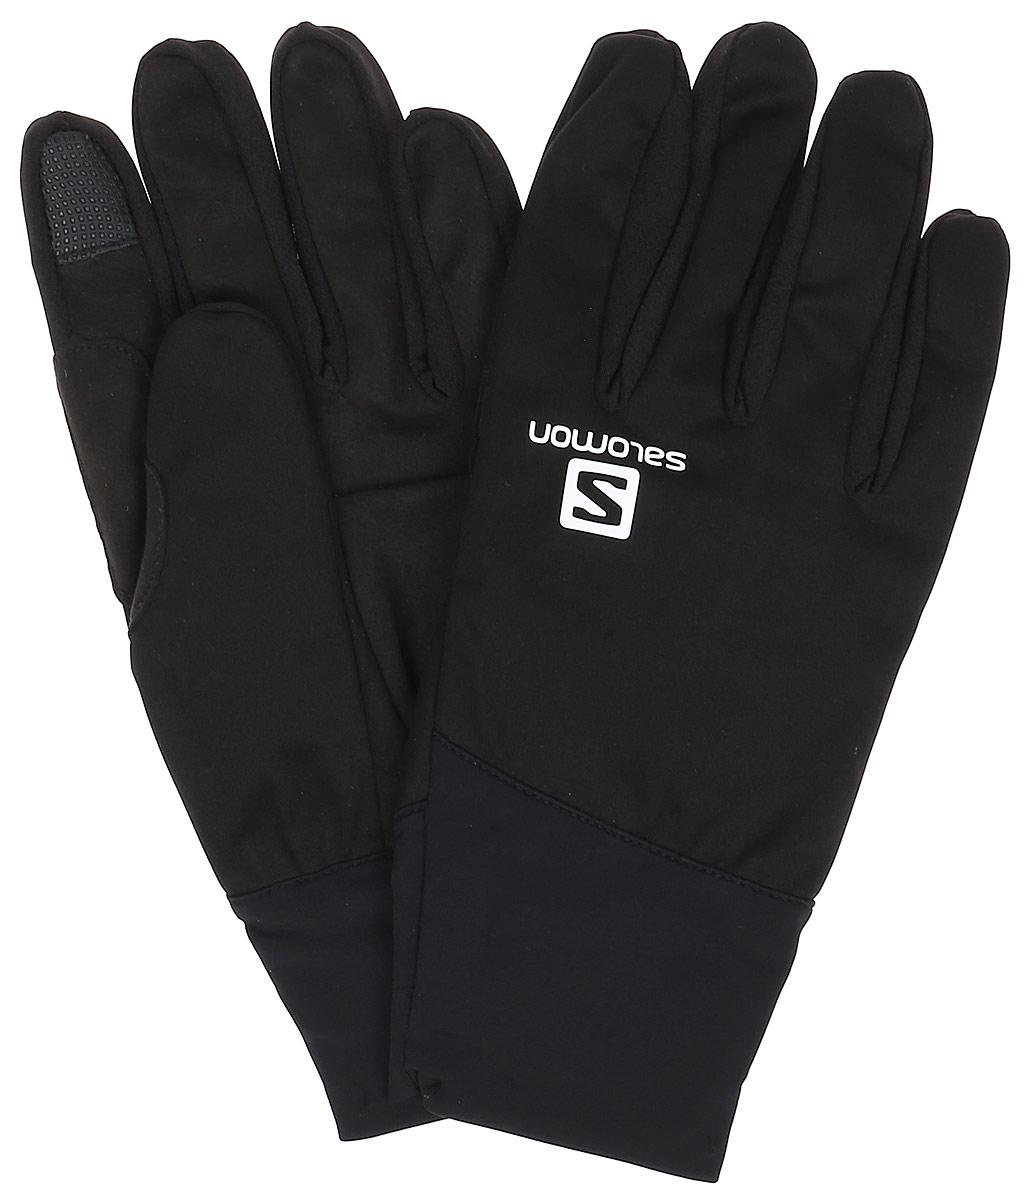 Перчатки мужские Salomon Equipe Glove M, цвет: черный. L39504600. Размер XL (9,5)L39504600Equipe Glove с эластичной и комфортной тыльной стороной - это простые беговые перчатки с точной посадкой.